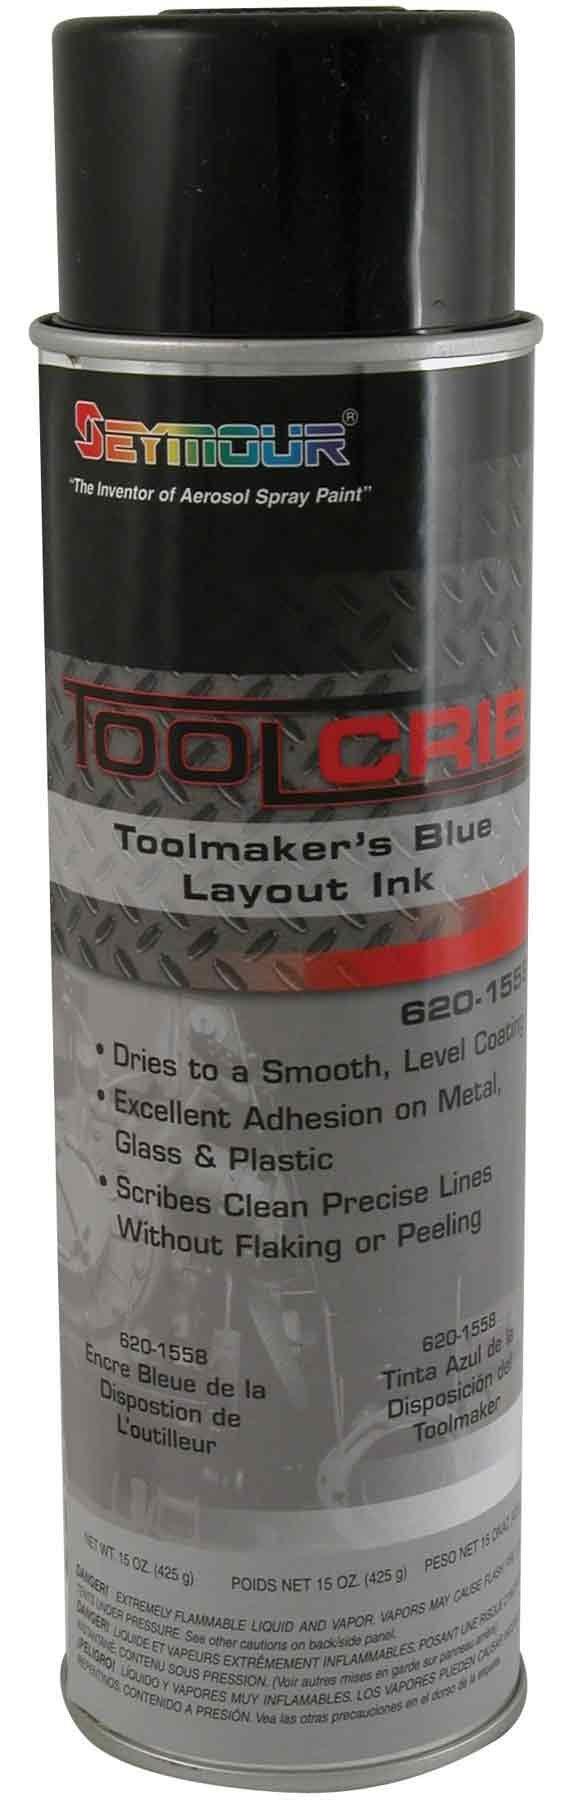 Seymour 620-1558 Toolmaker's Blue Layout Ink